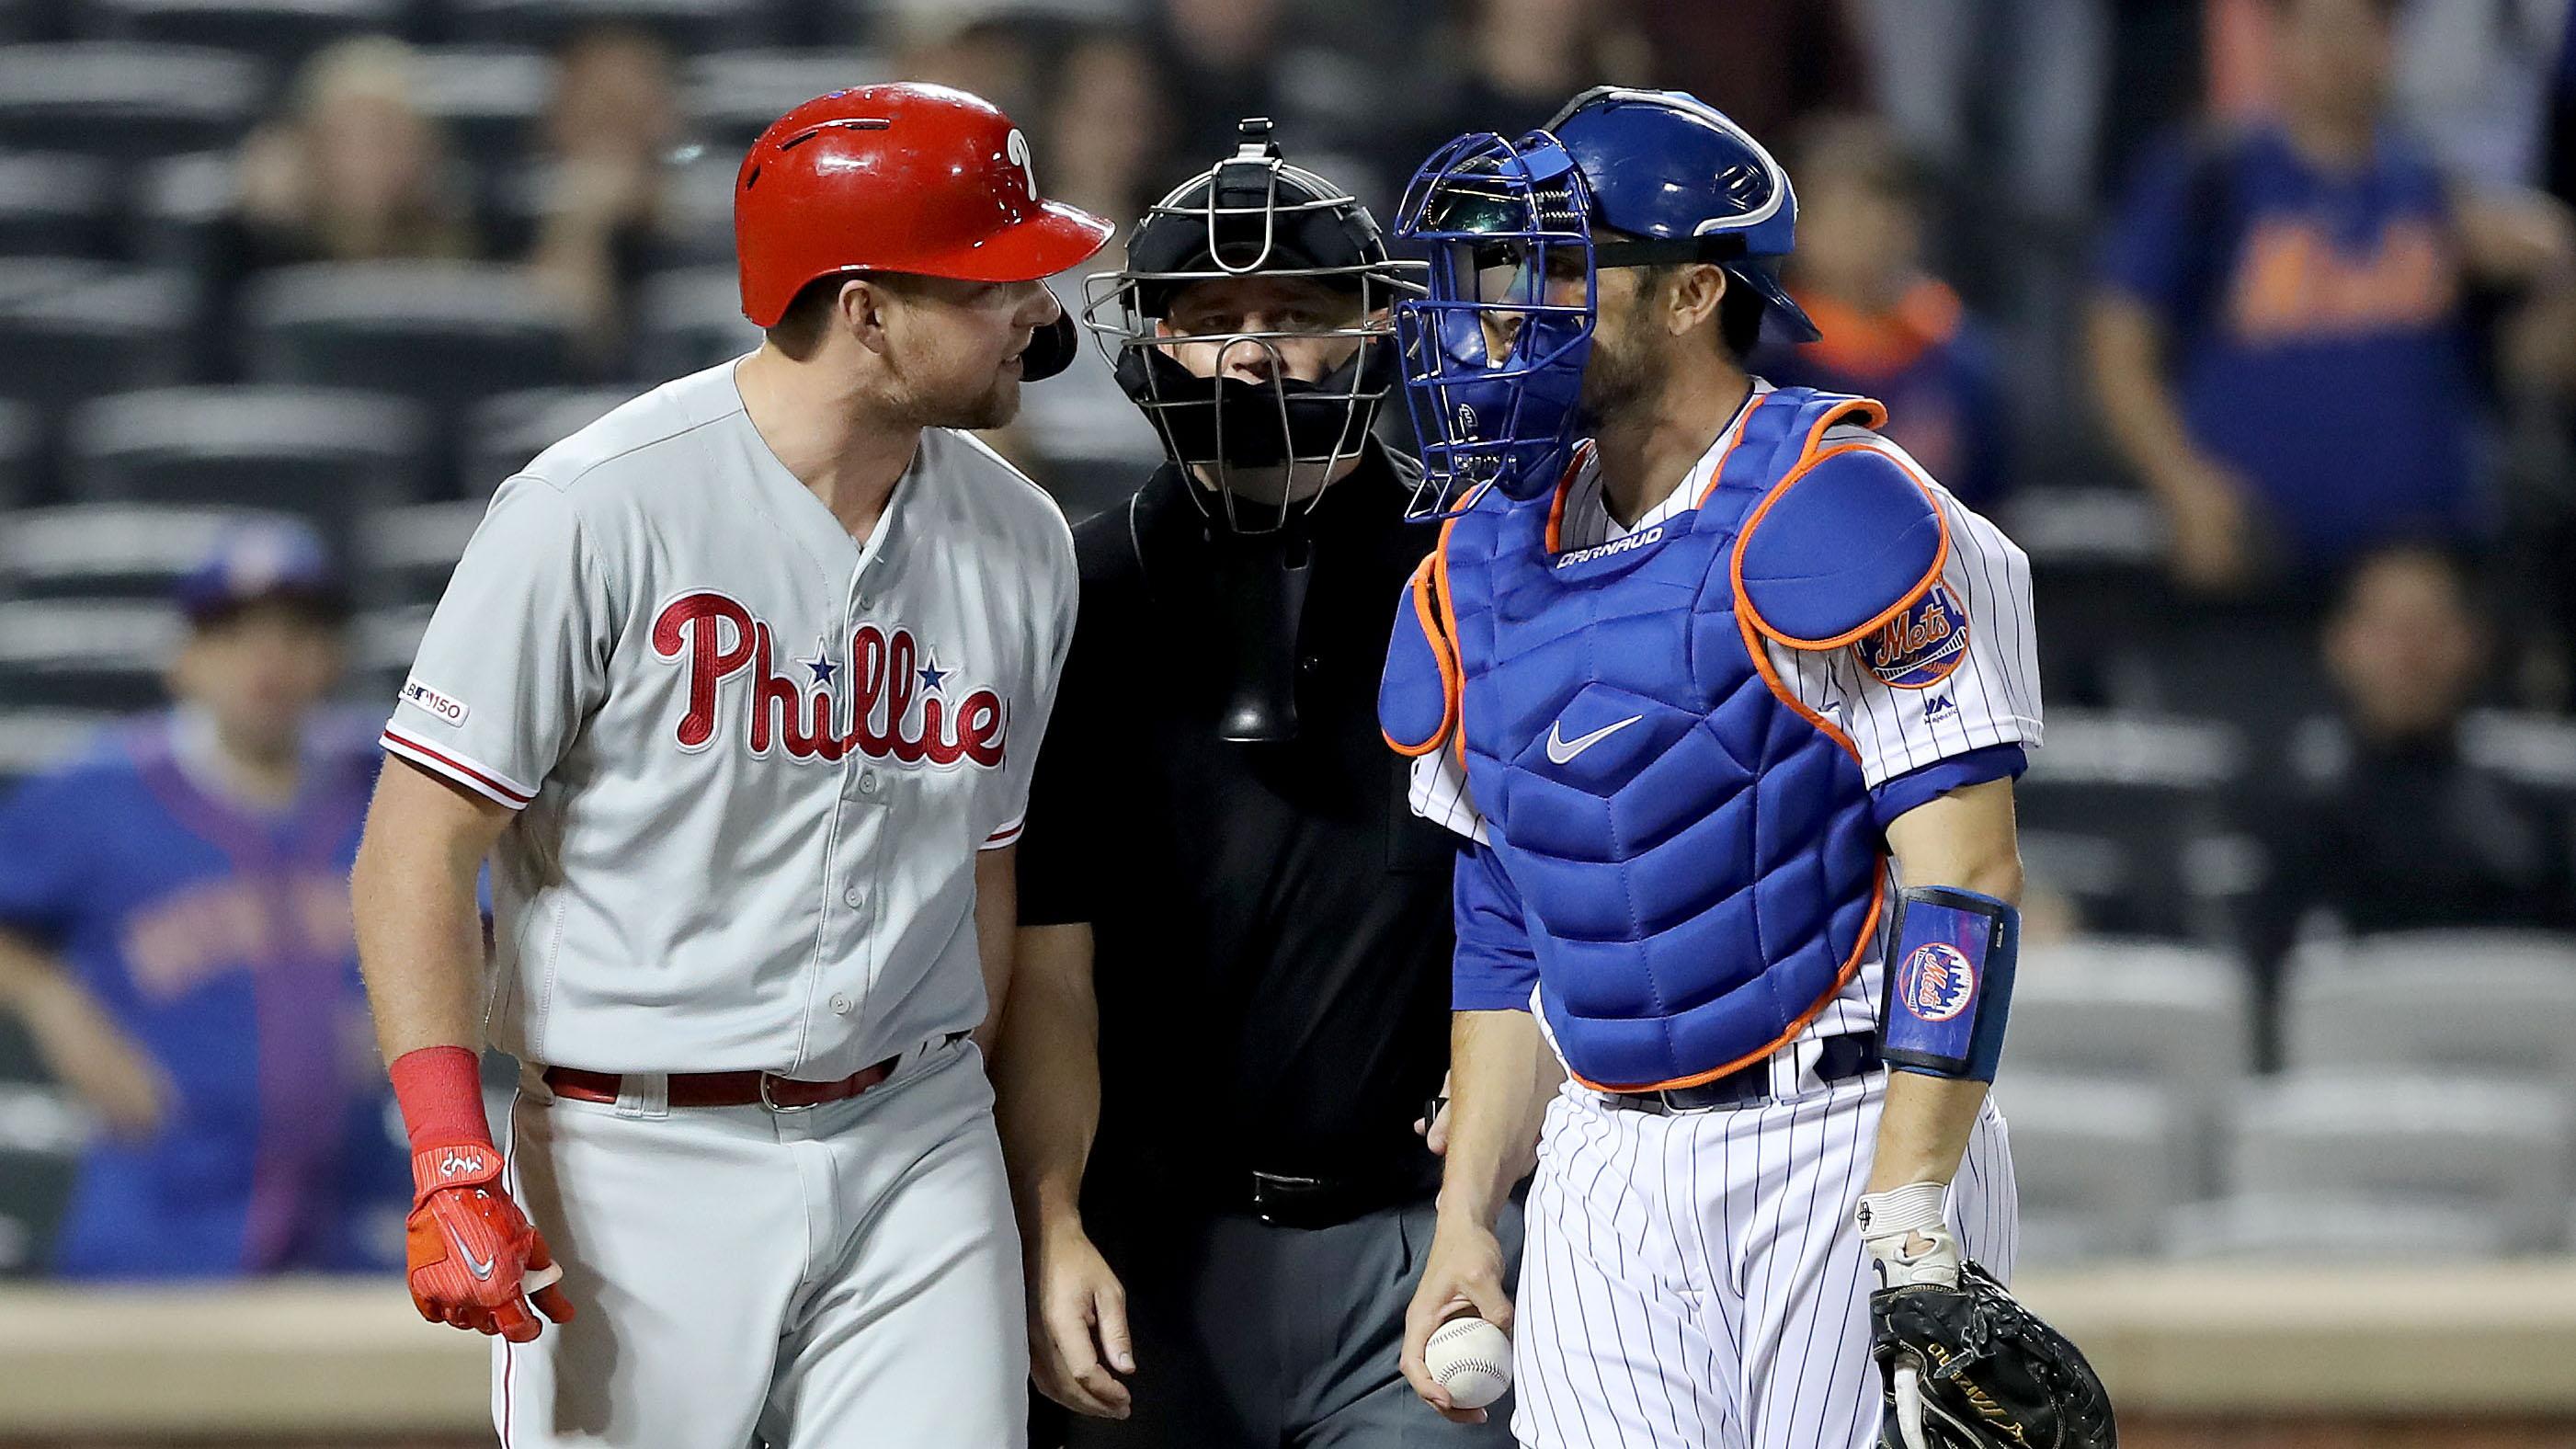 Rhys Hoskins taunts Mets' Jacob Rhame after homer (video)